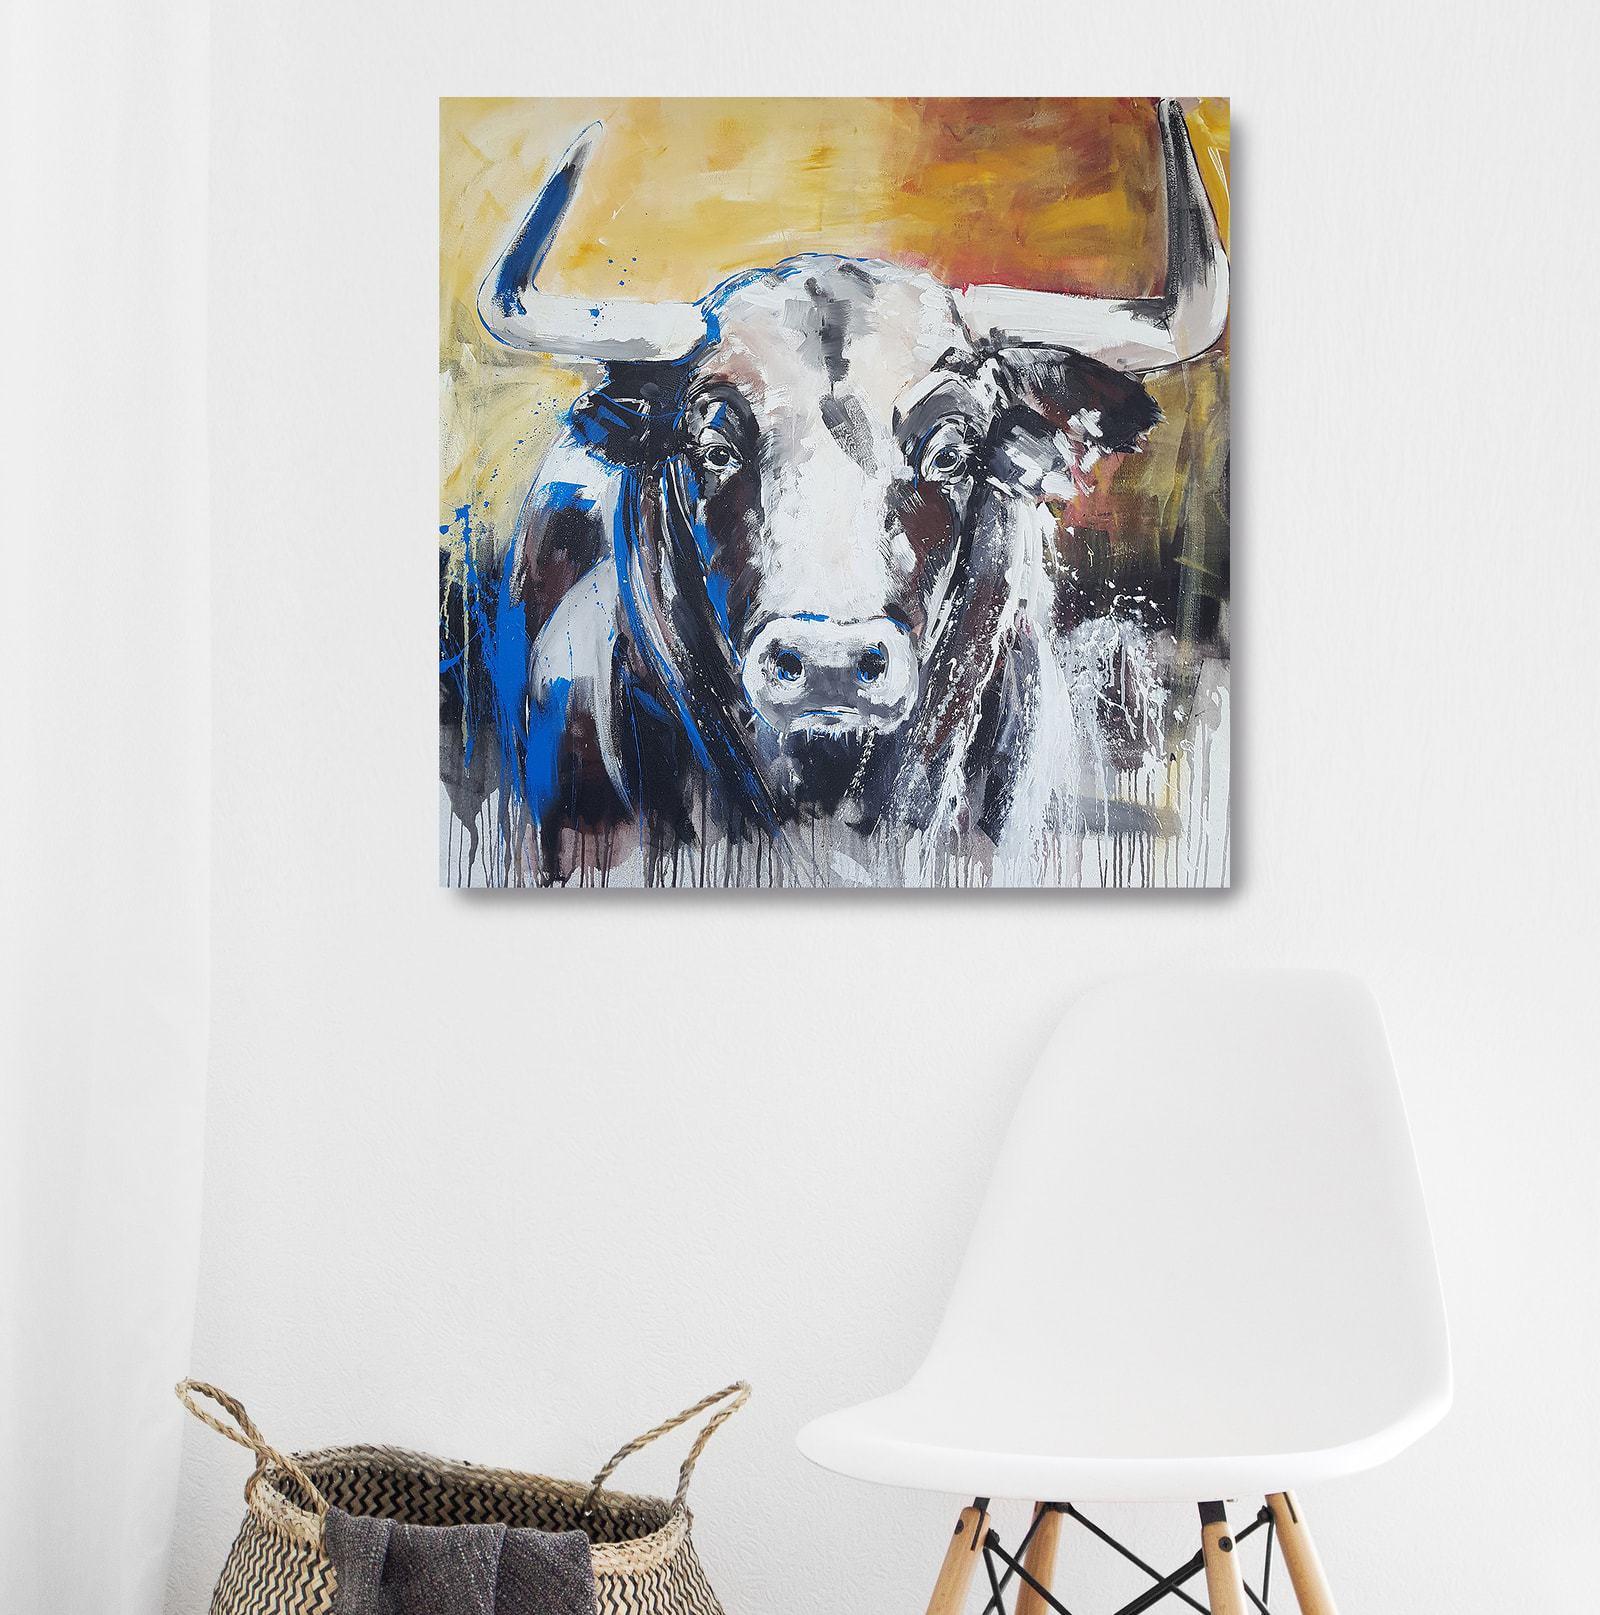 Kunstdruck auf Leinwand, Portrait Stier gemalt, Taurus von Stefanie Rogge